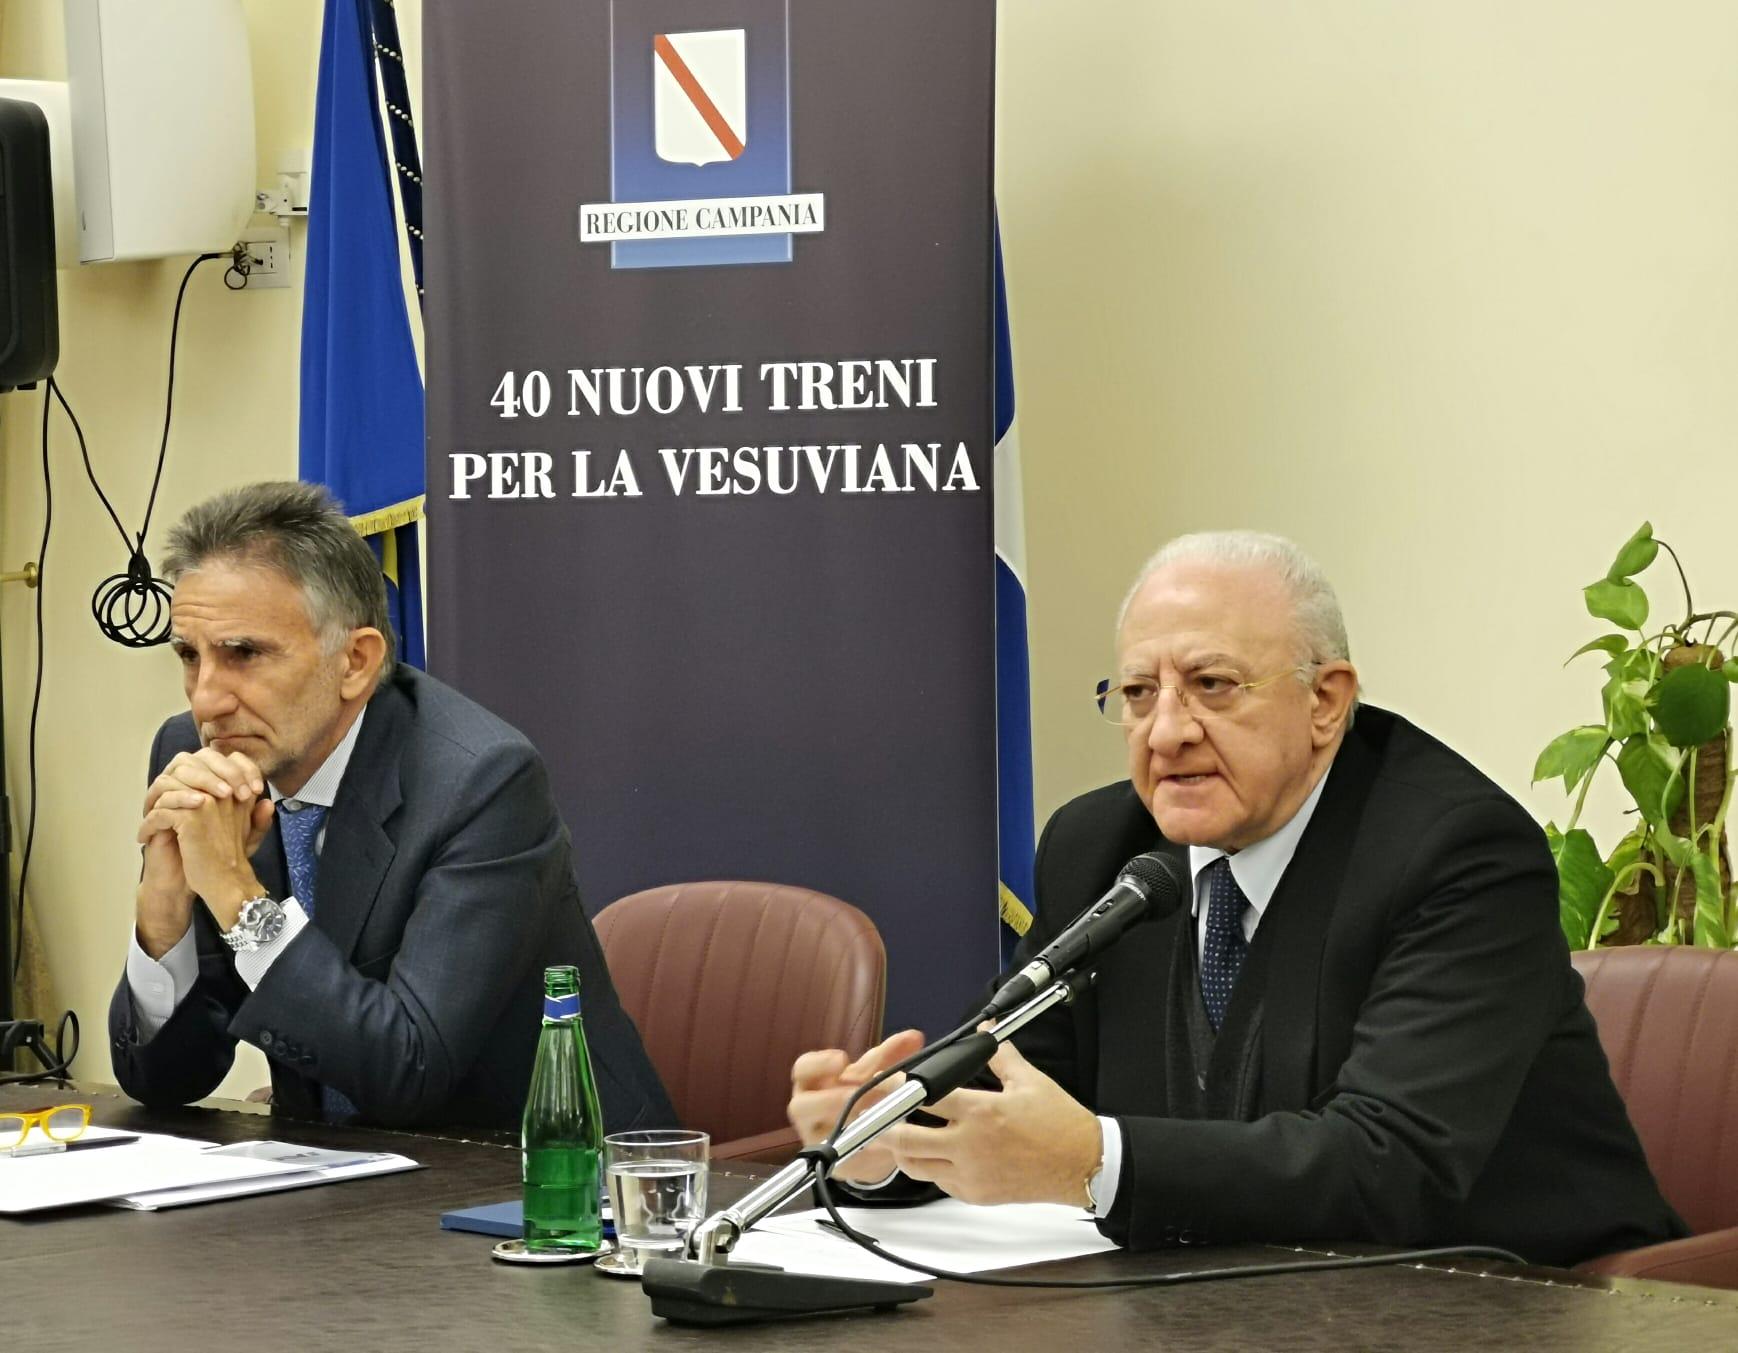 De Luca Campania Napoli